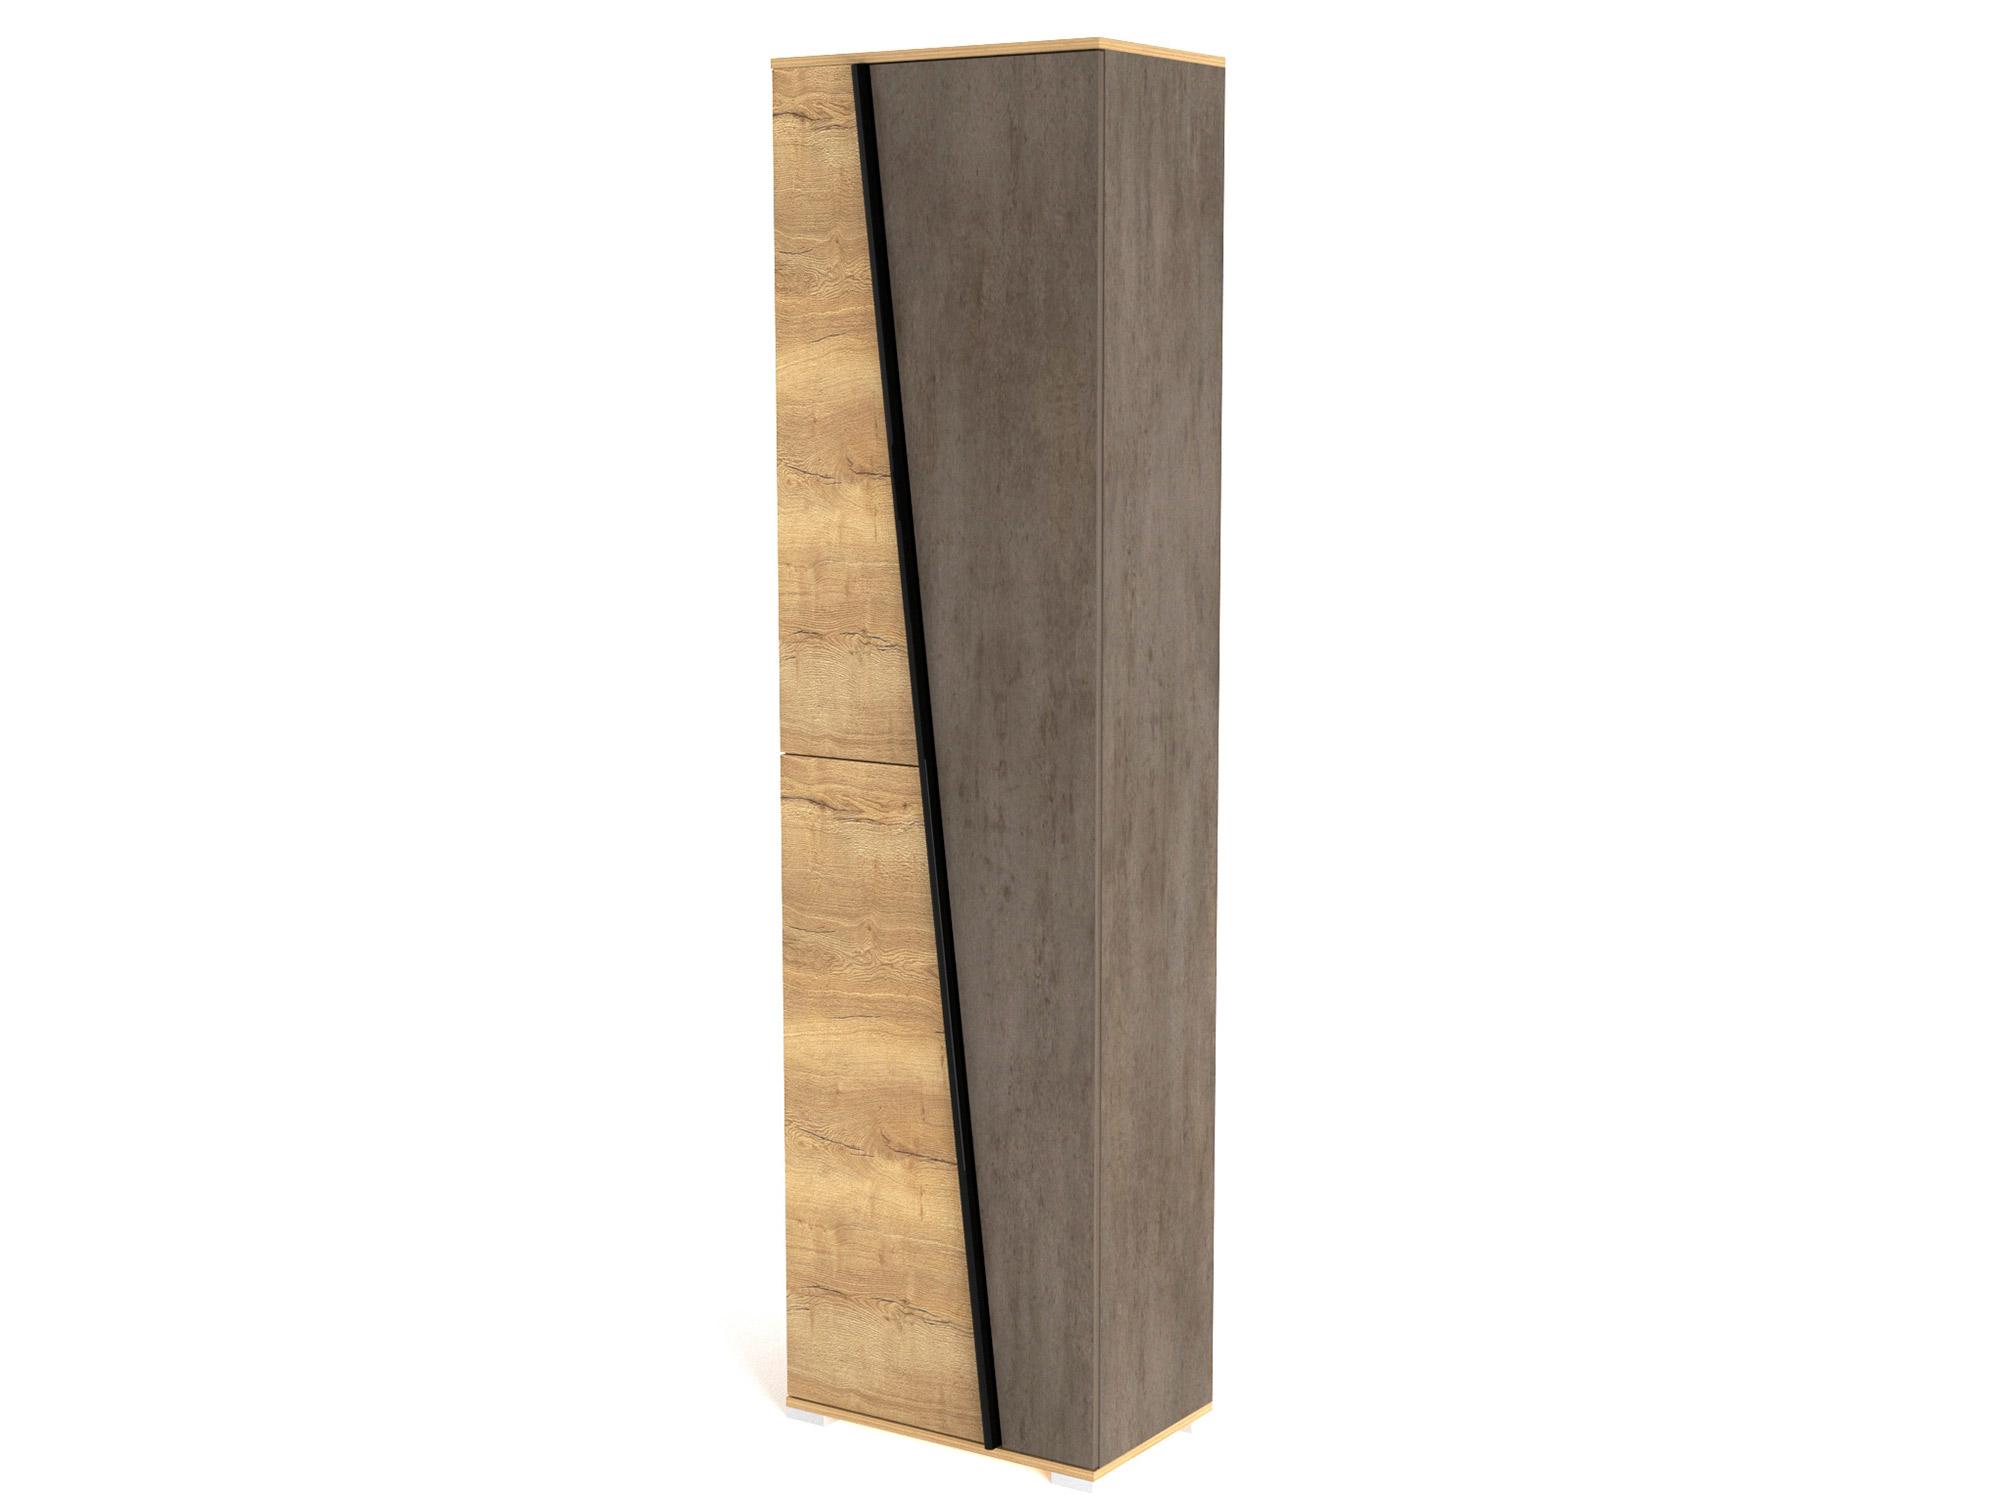 Фото - Шкаф для одежды с полками Стреза Дуб Галифакс натуральный, Бетон шкаф однодверный стреза дуб галифакс натуральный бетон чикаго